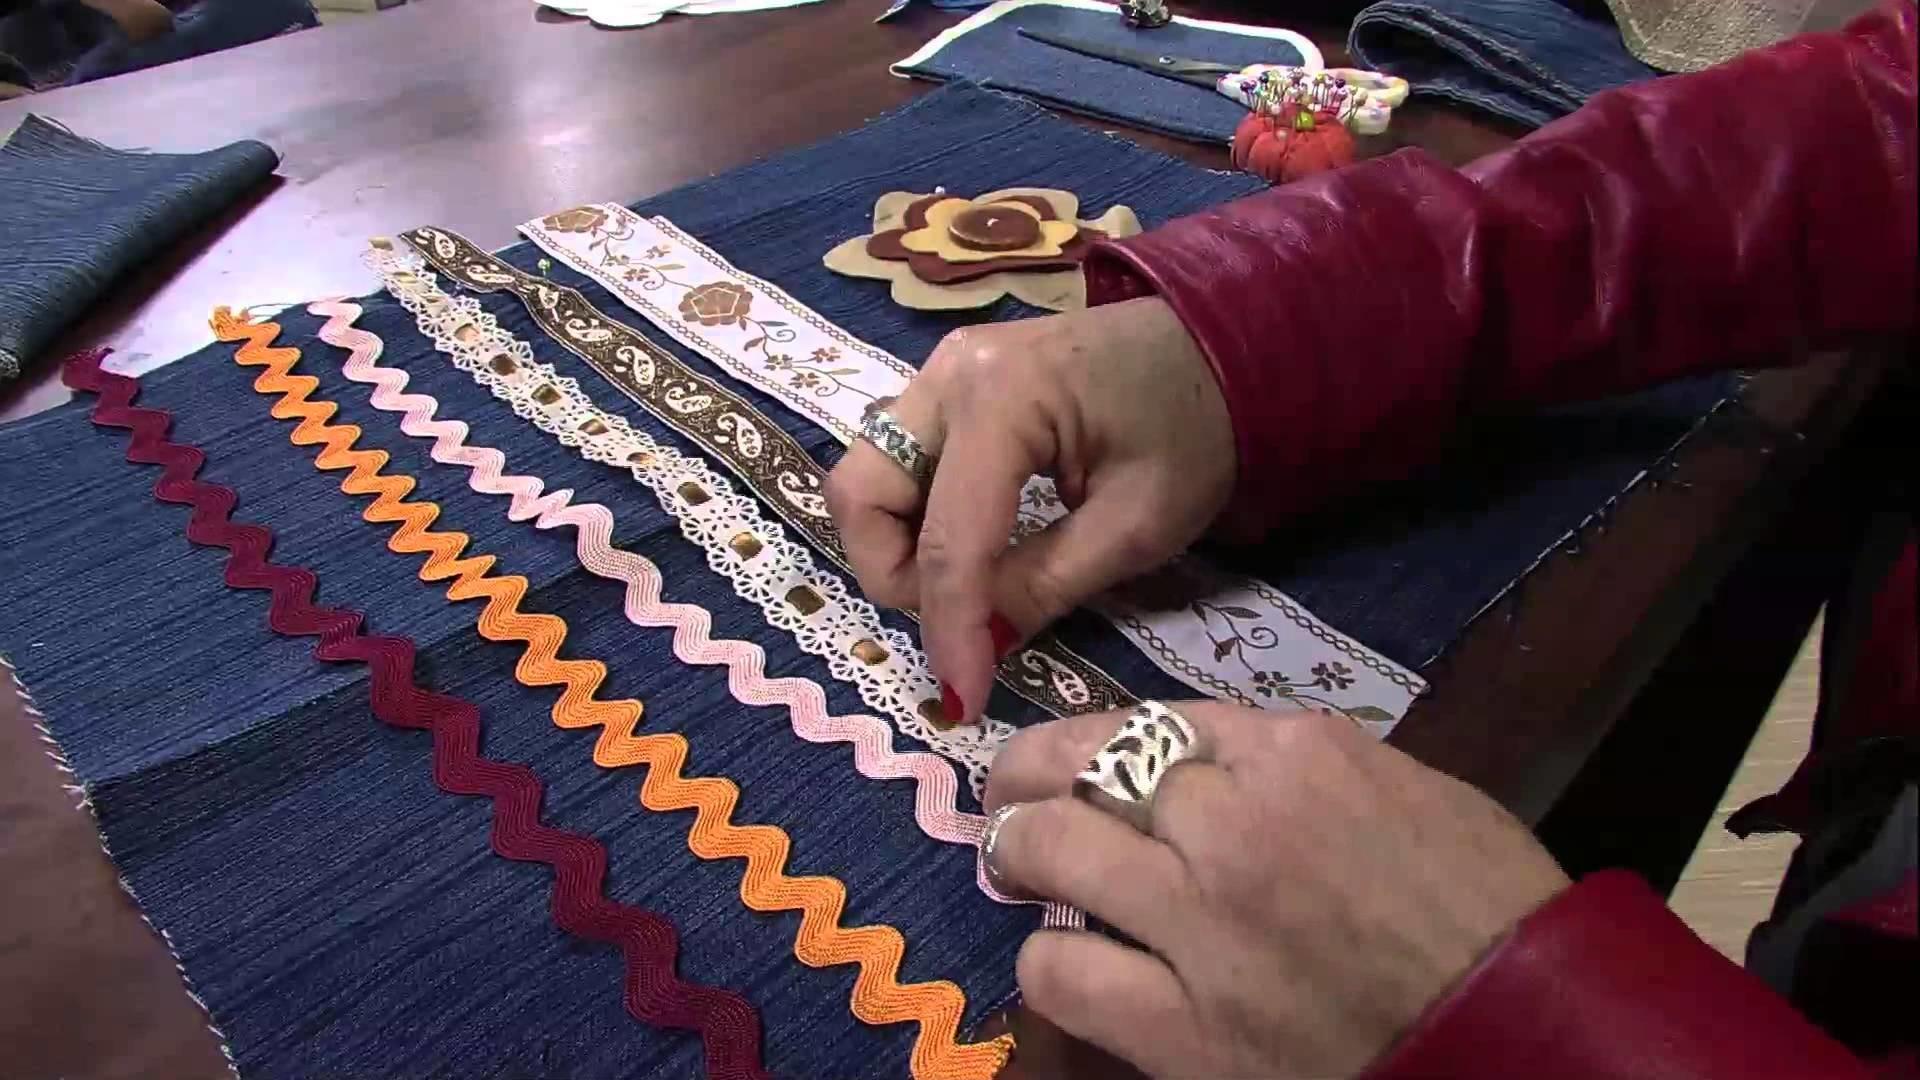 Mulher.com 05.06.2013 Mara Gimenes - Bolsa customizada Parte 1.2